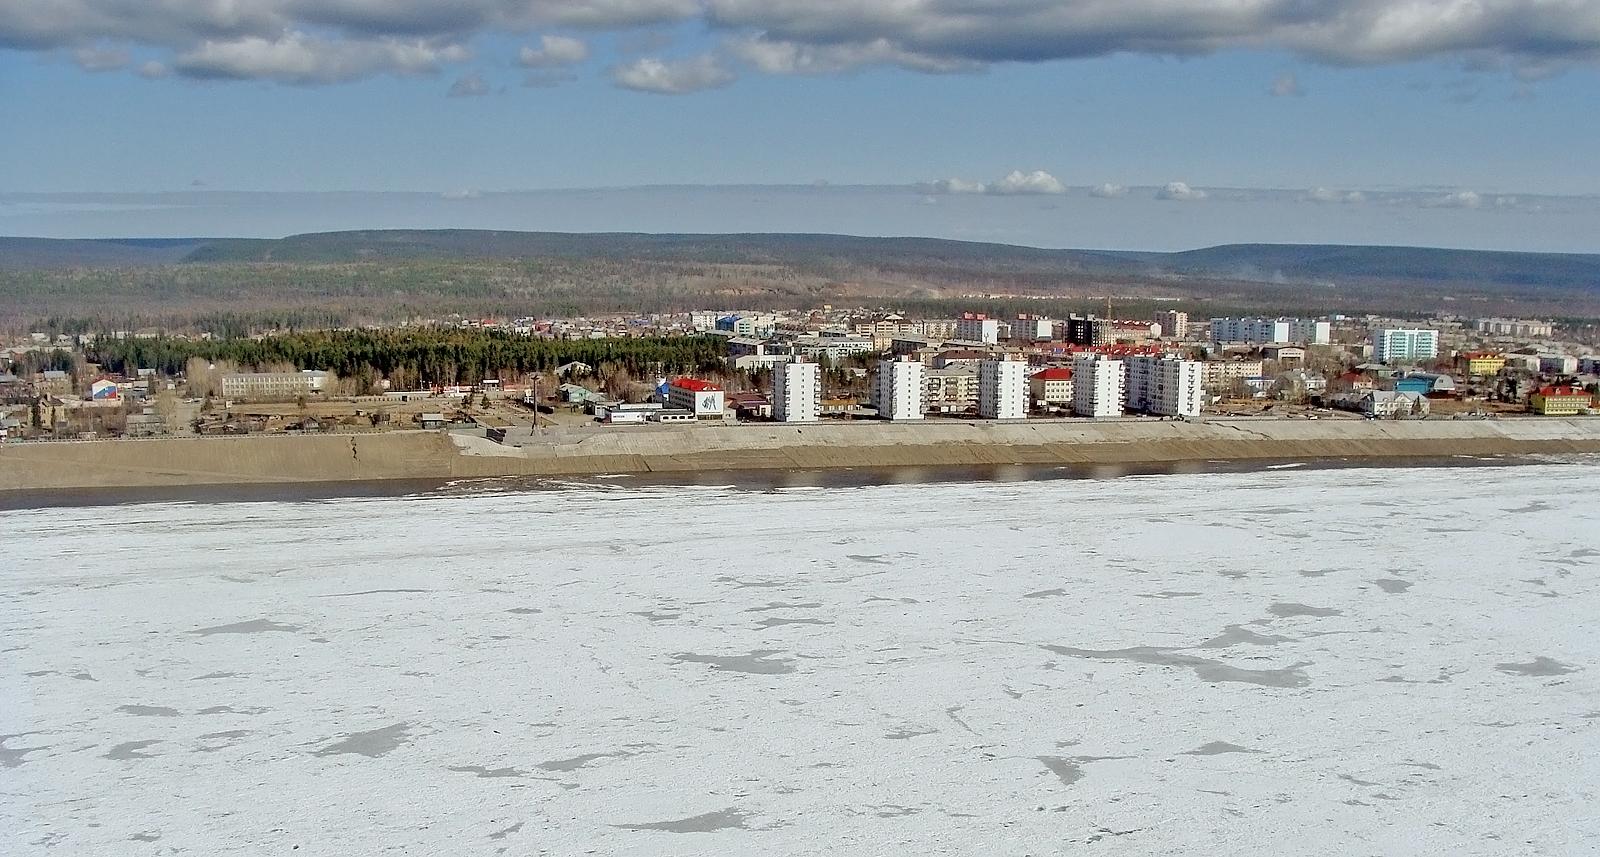 город ленск фото сториз легко